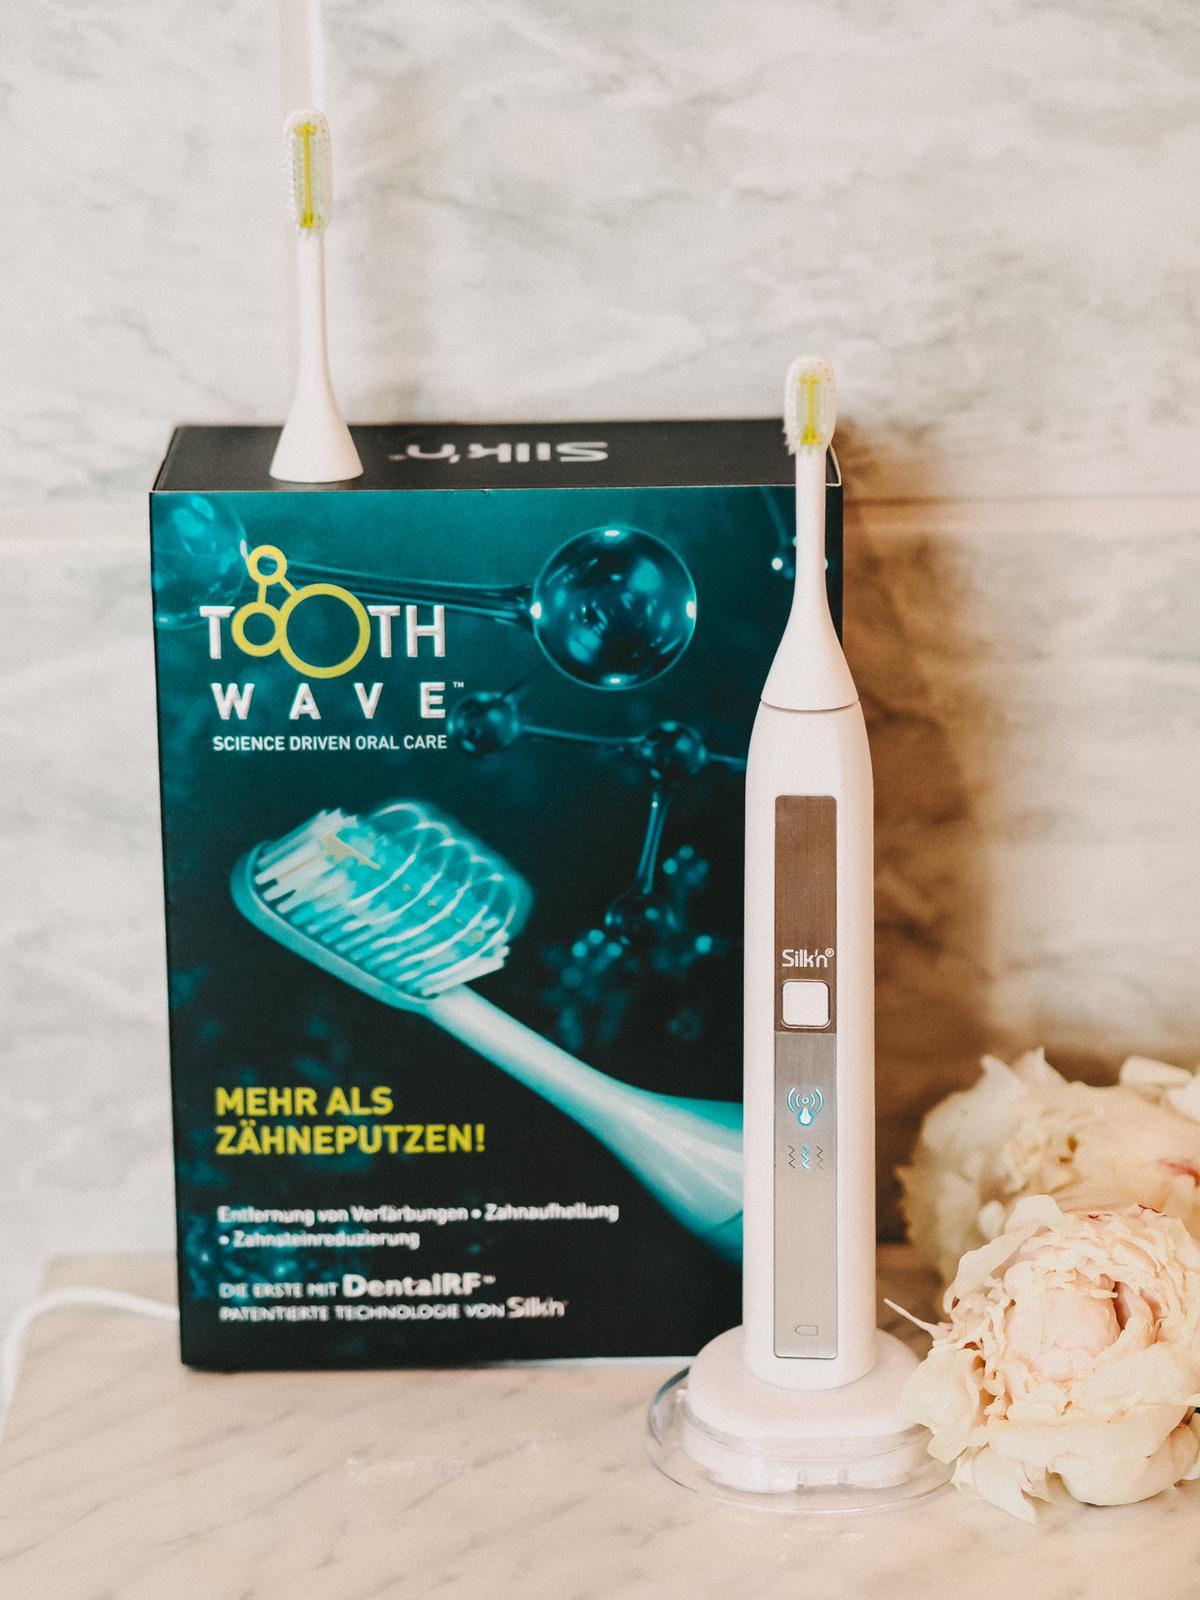 Professionelle Zahnreinigung für jeden Tag mit der Silk'n ToothWave